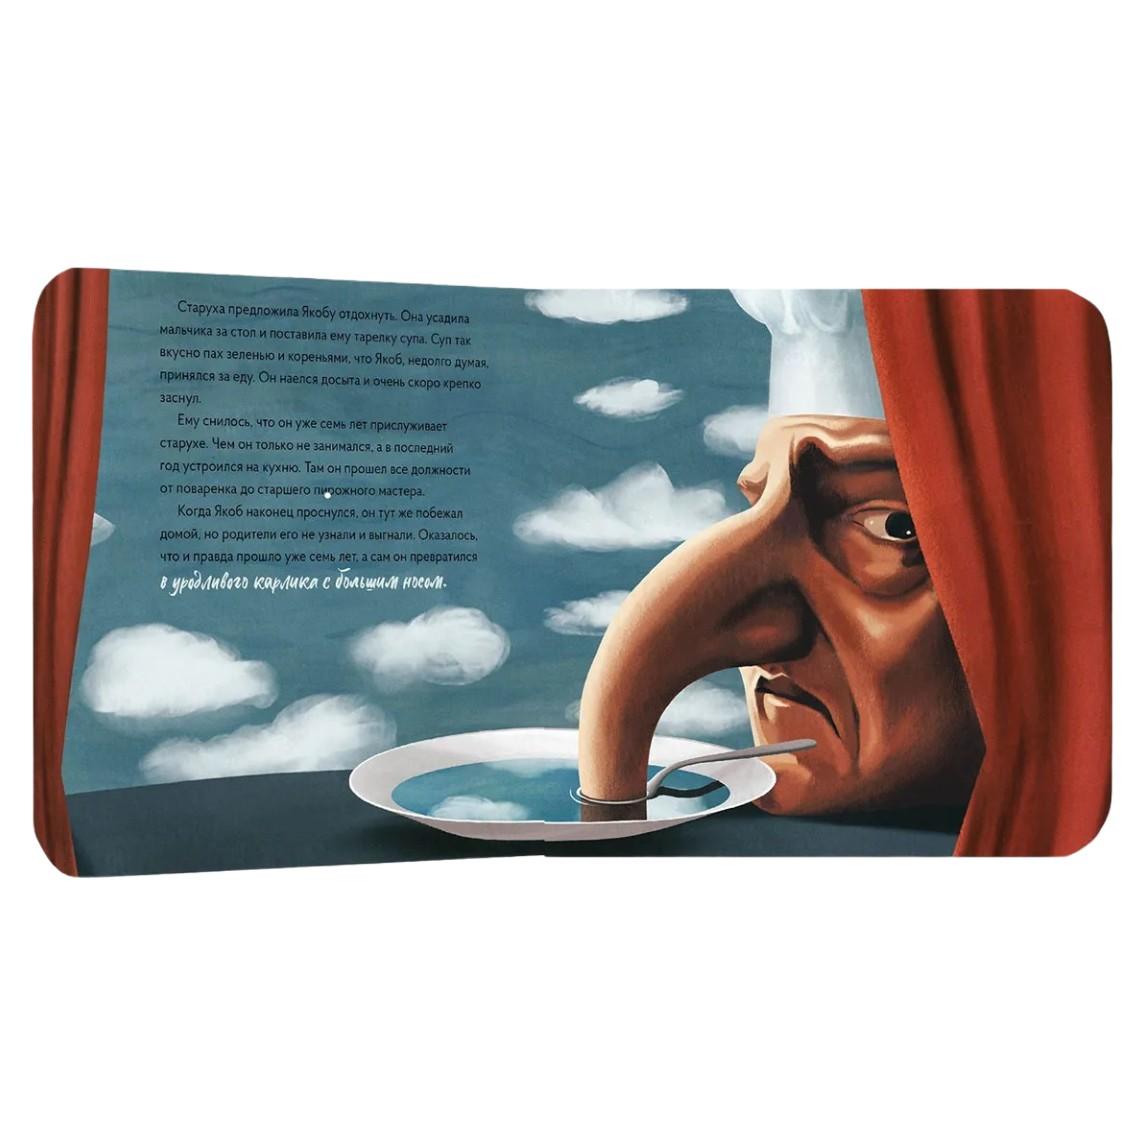 Книга VoiceBook Сказки в стиле великих художников. Карлик Нос в стиле Рене Магритта